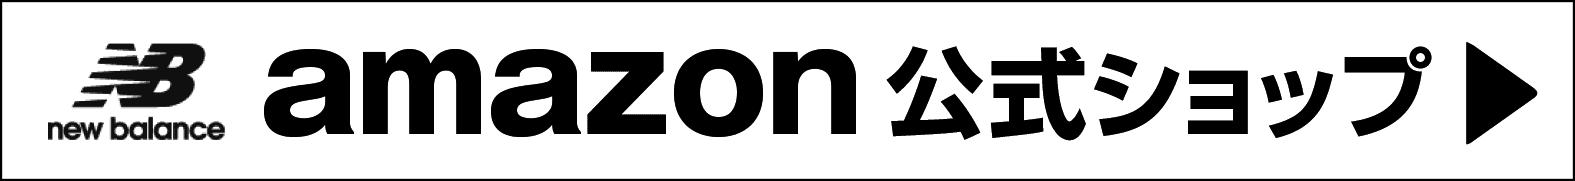 ニューバランス amazon 公式ショップ